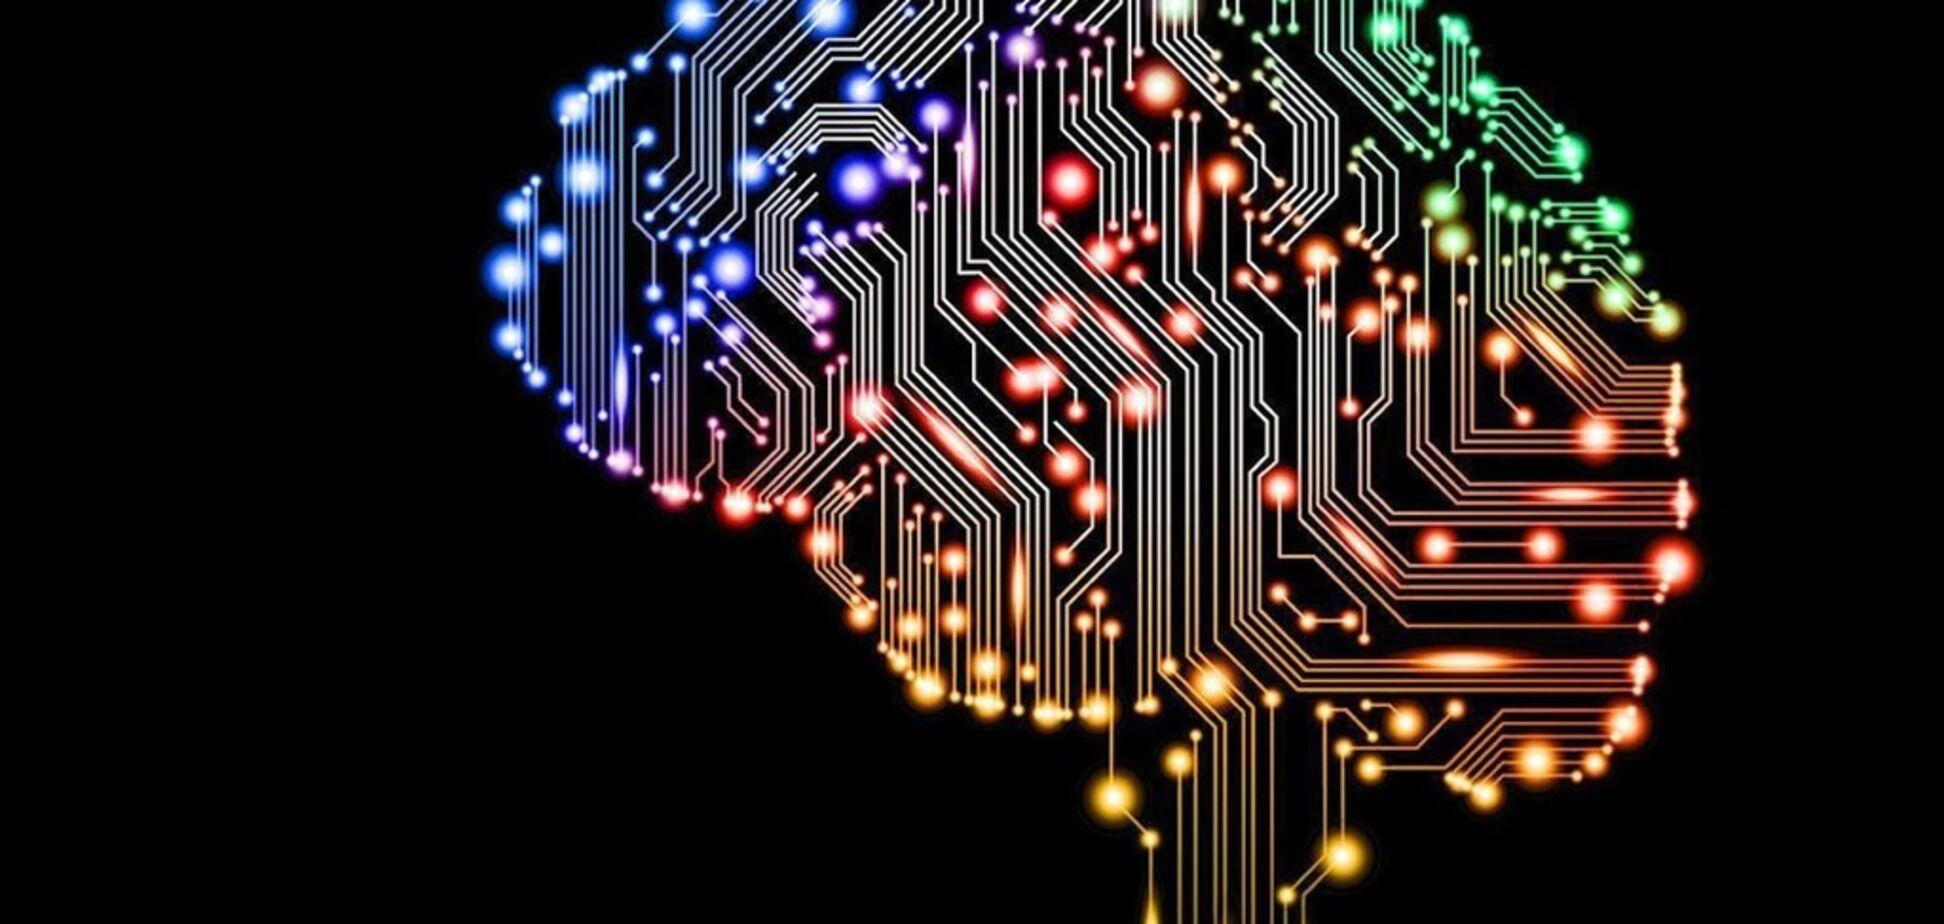 Працює, як справжній: вчені виростили 3D-модель мозку